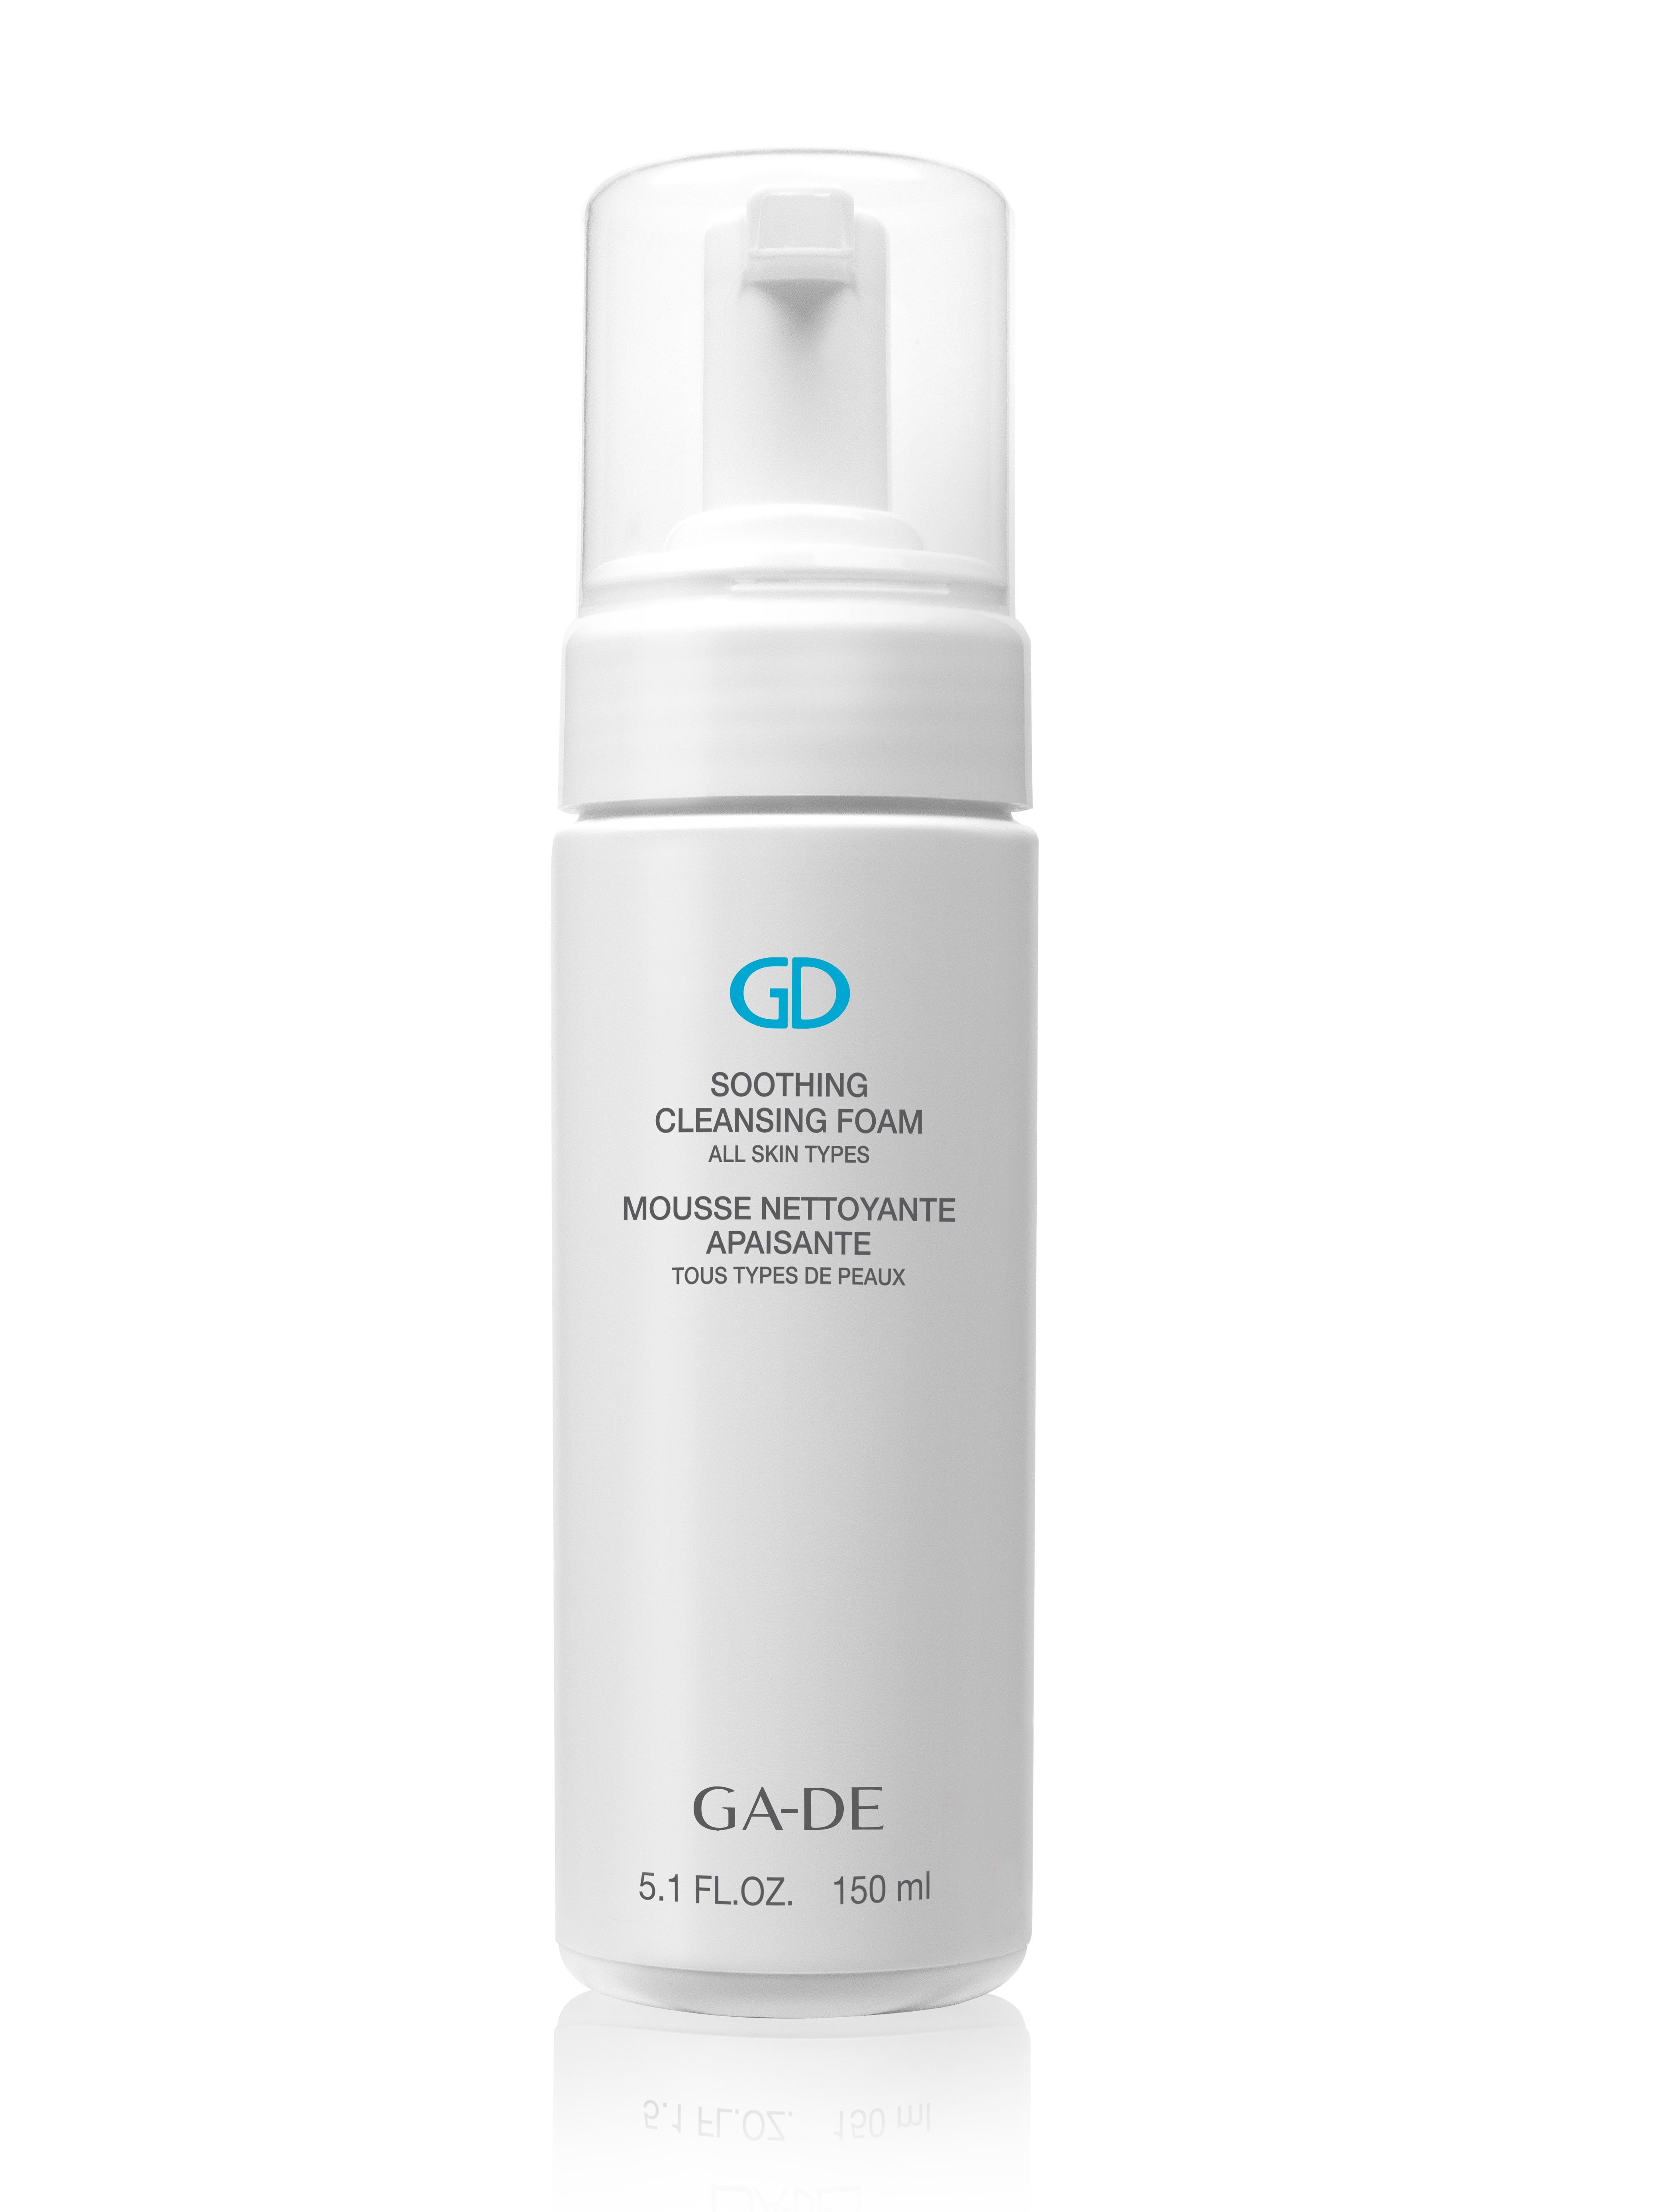 GA-DE Пенка очищающая и успокаивающая для всех типов кожи / SOOTHING CLEANSING FOAM 150 мл